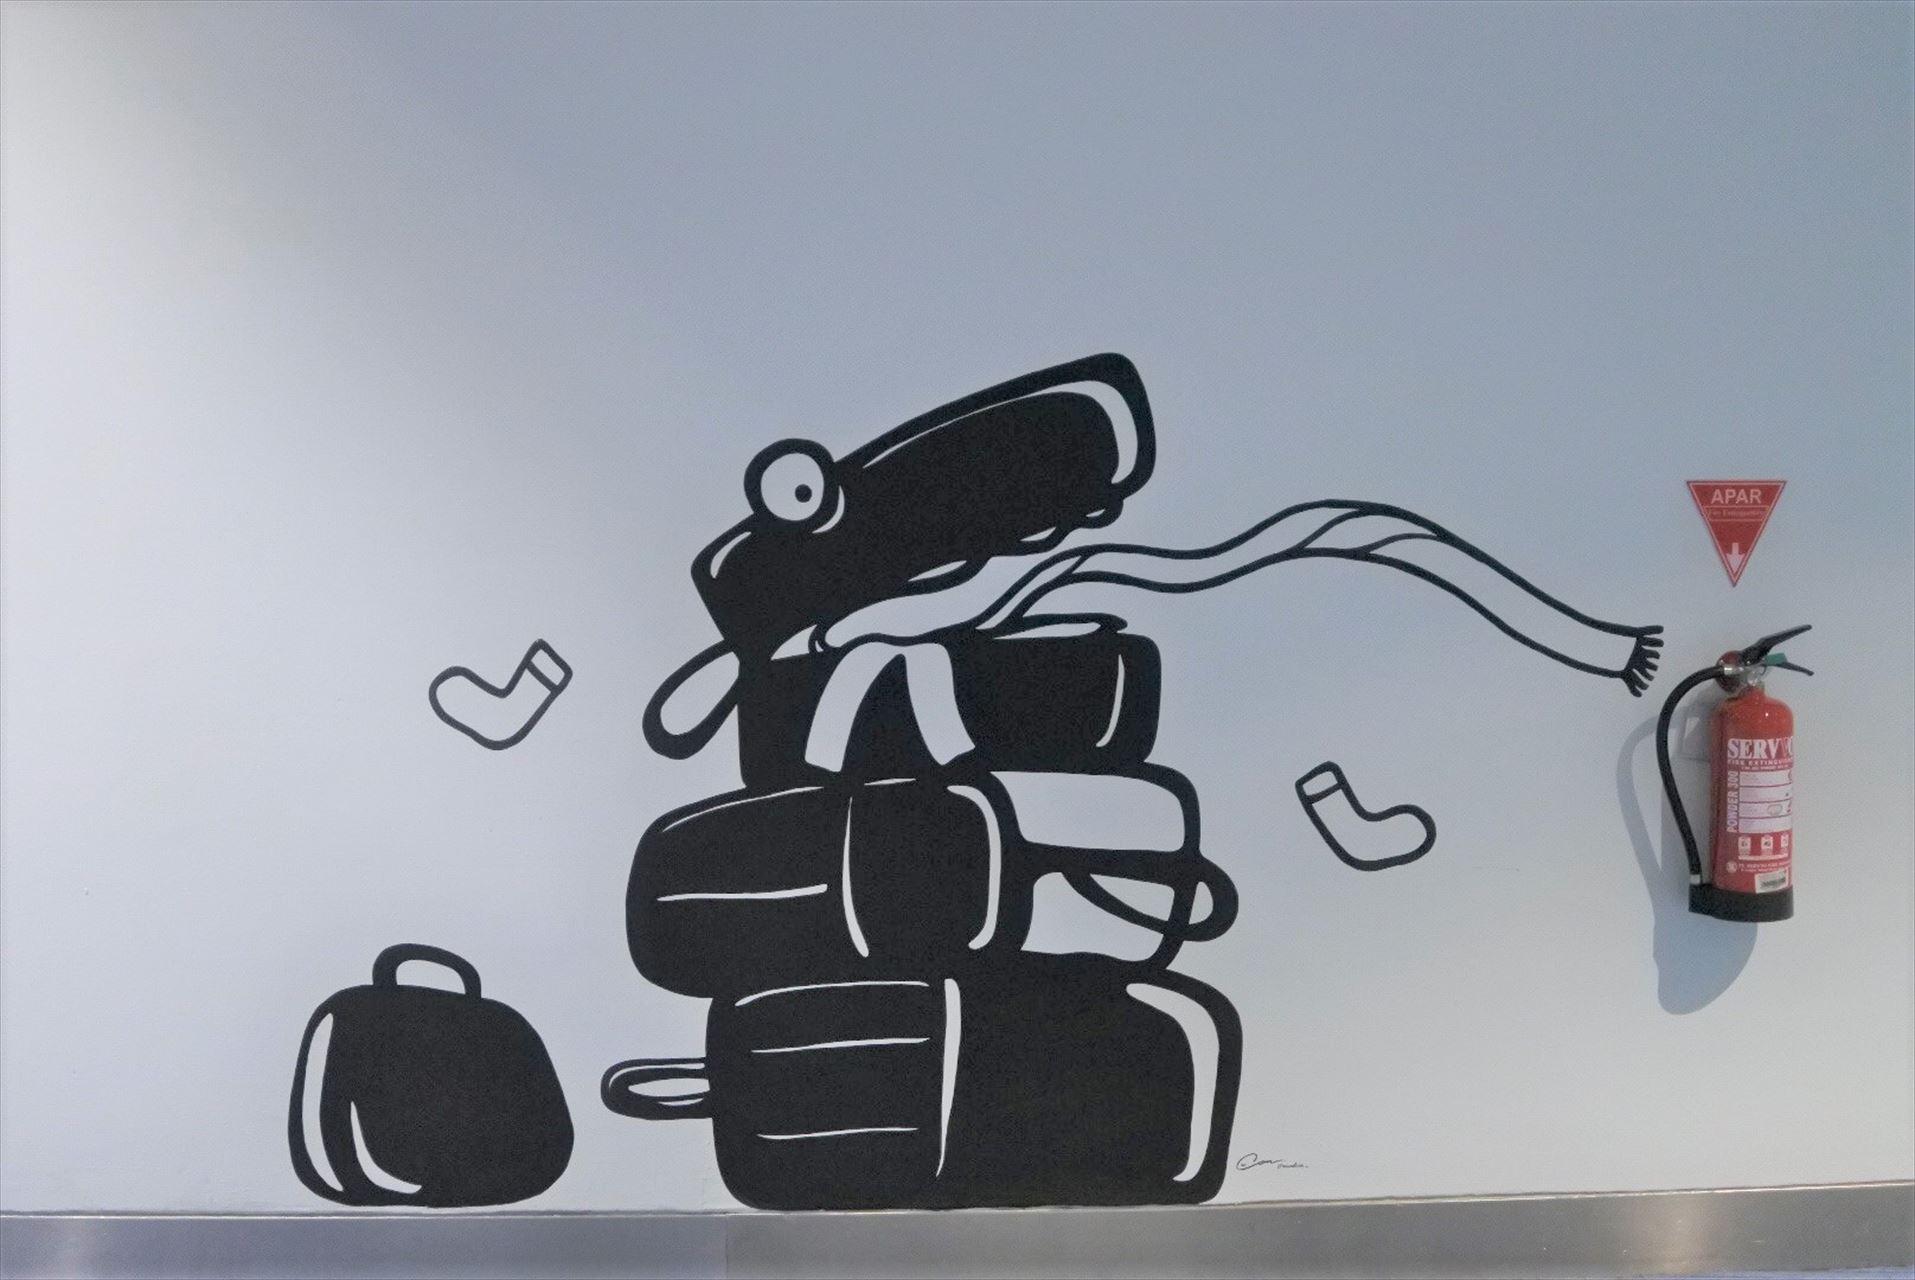 ジャカルタ空港壁画